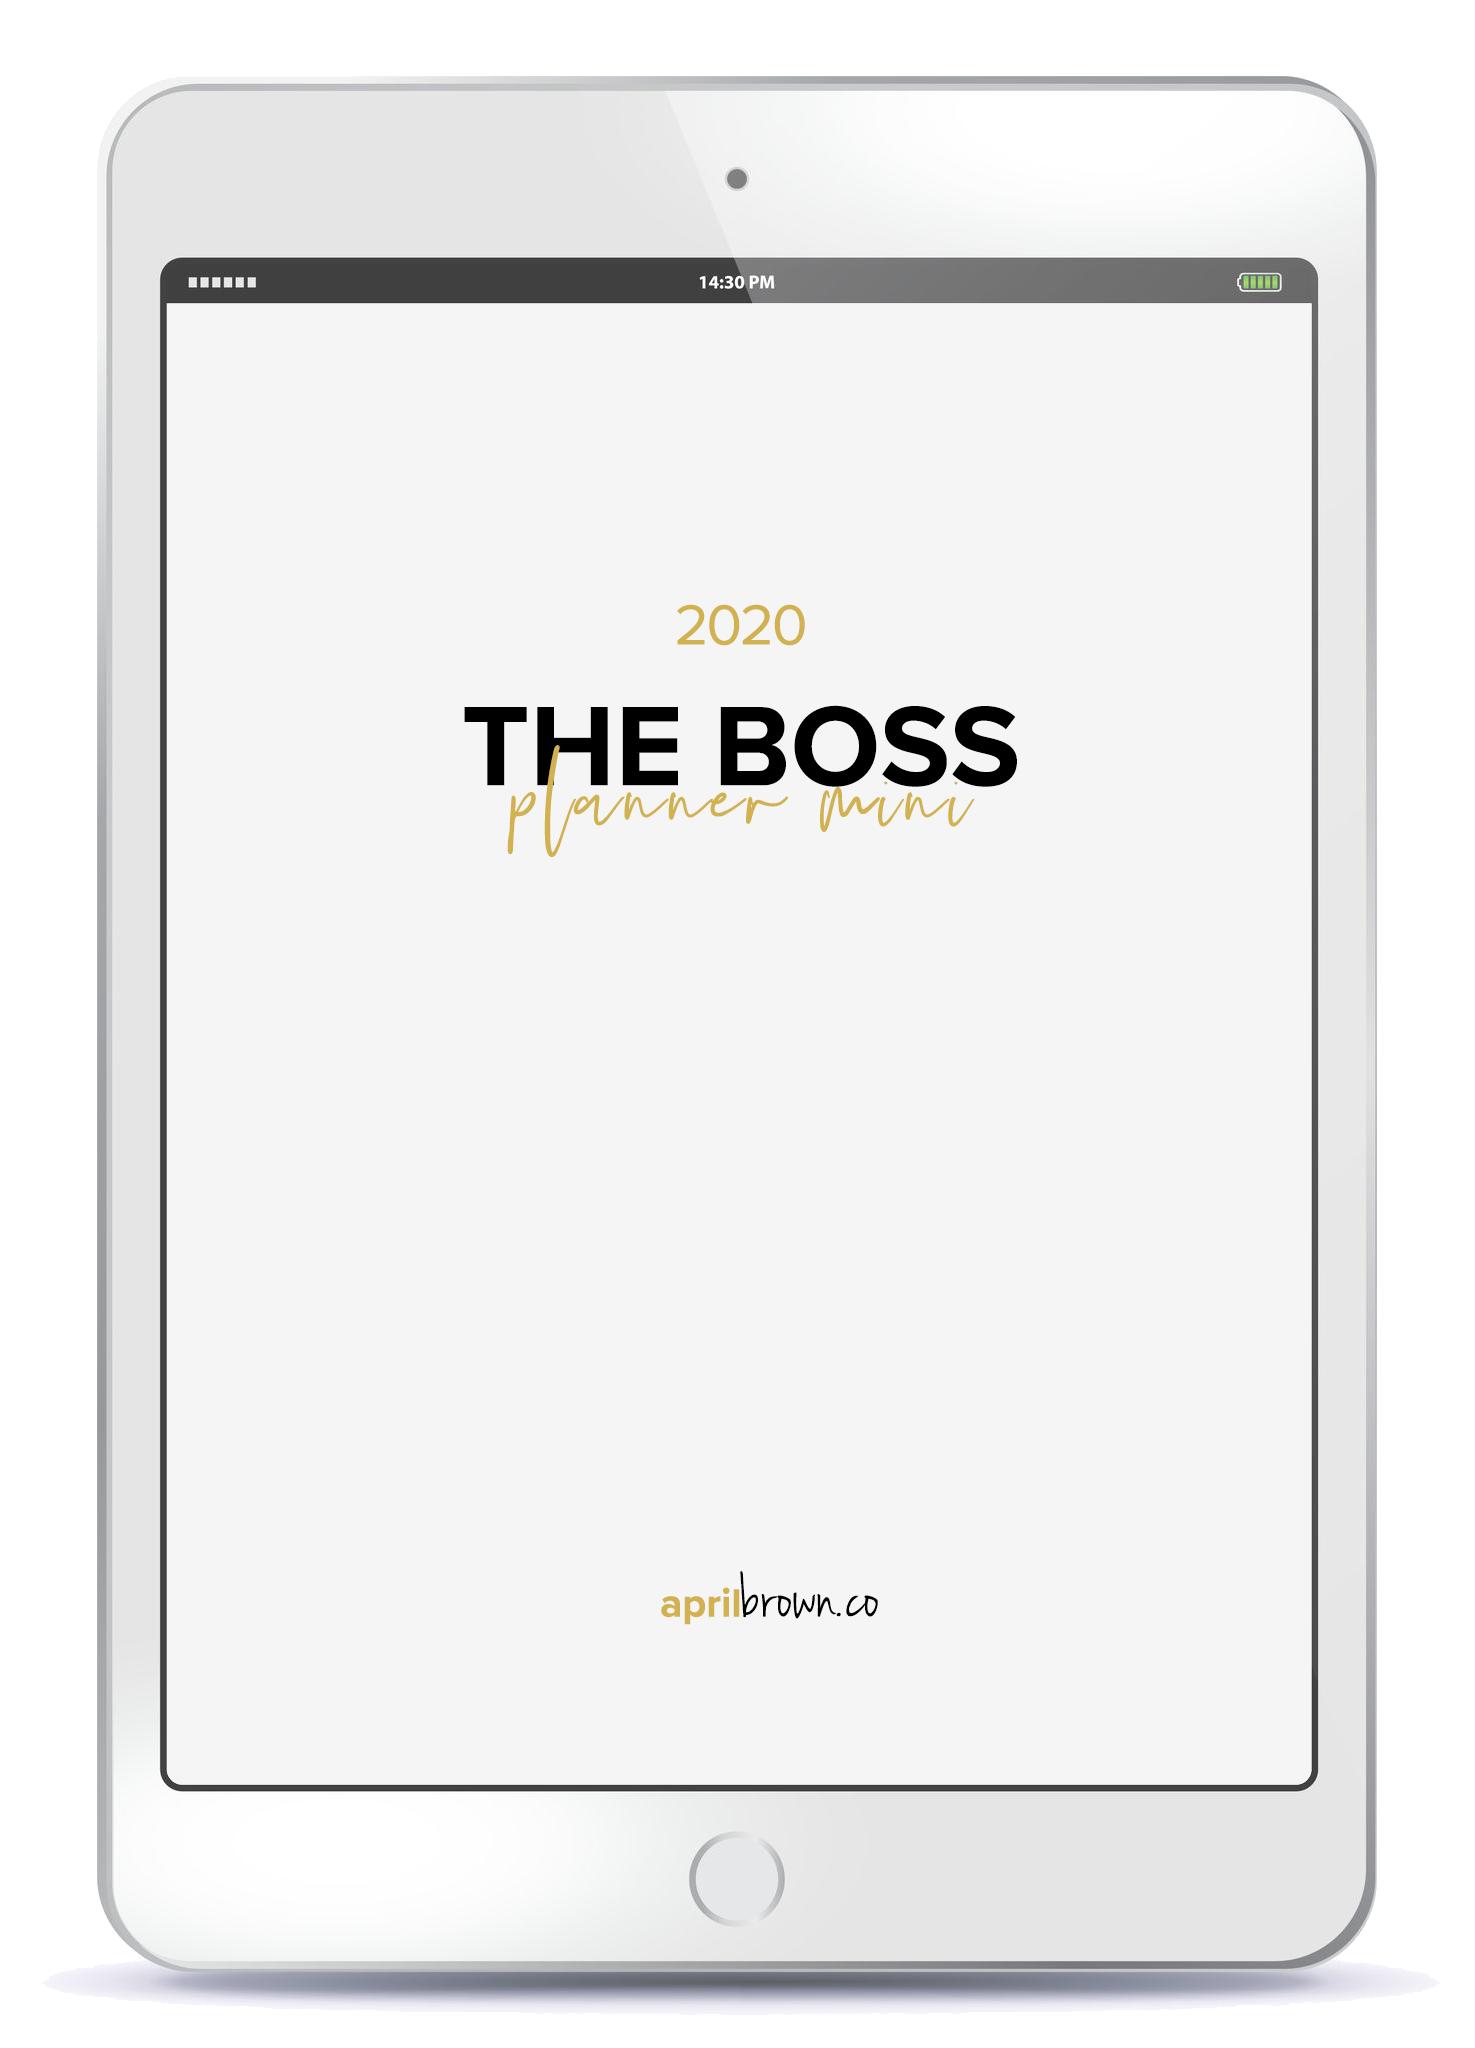 The Boss Planner Mini Digital Business Planner